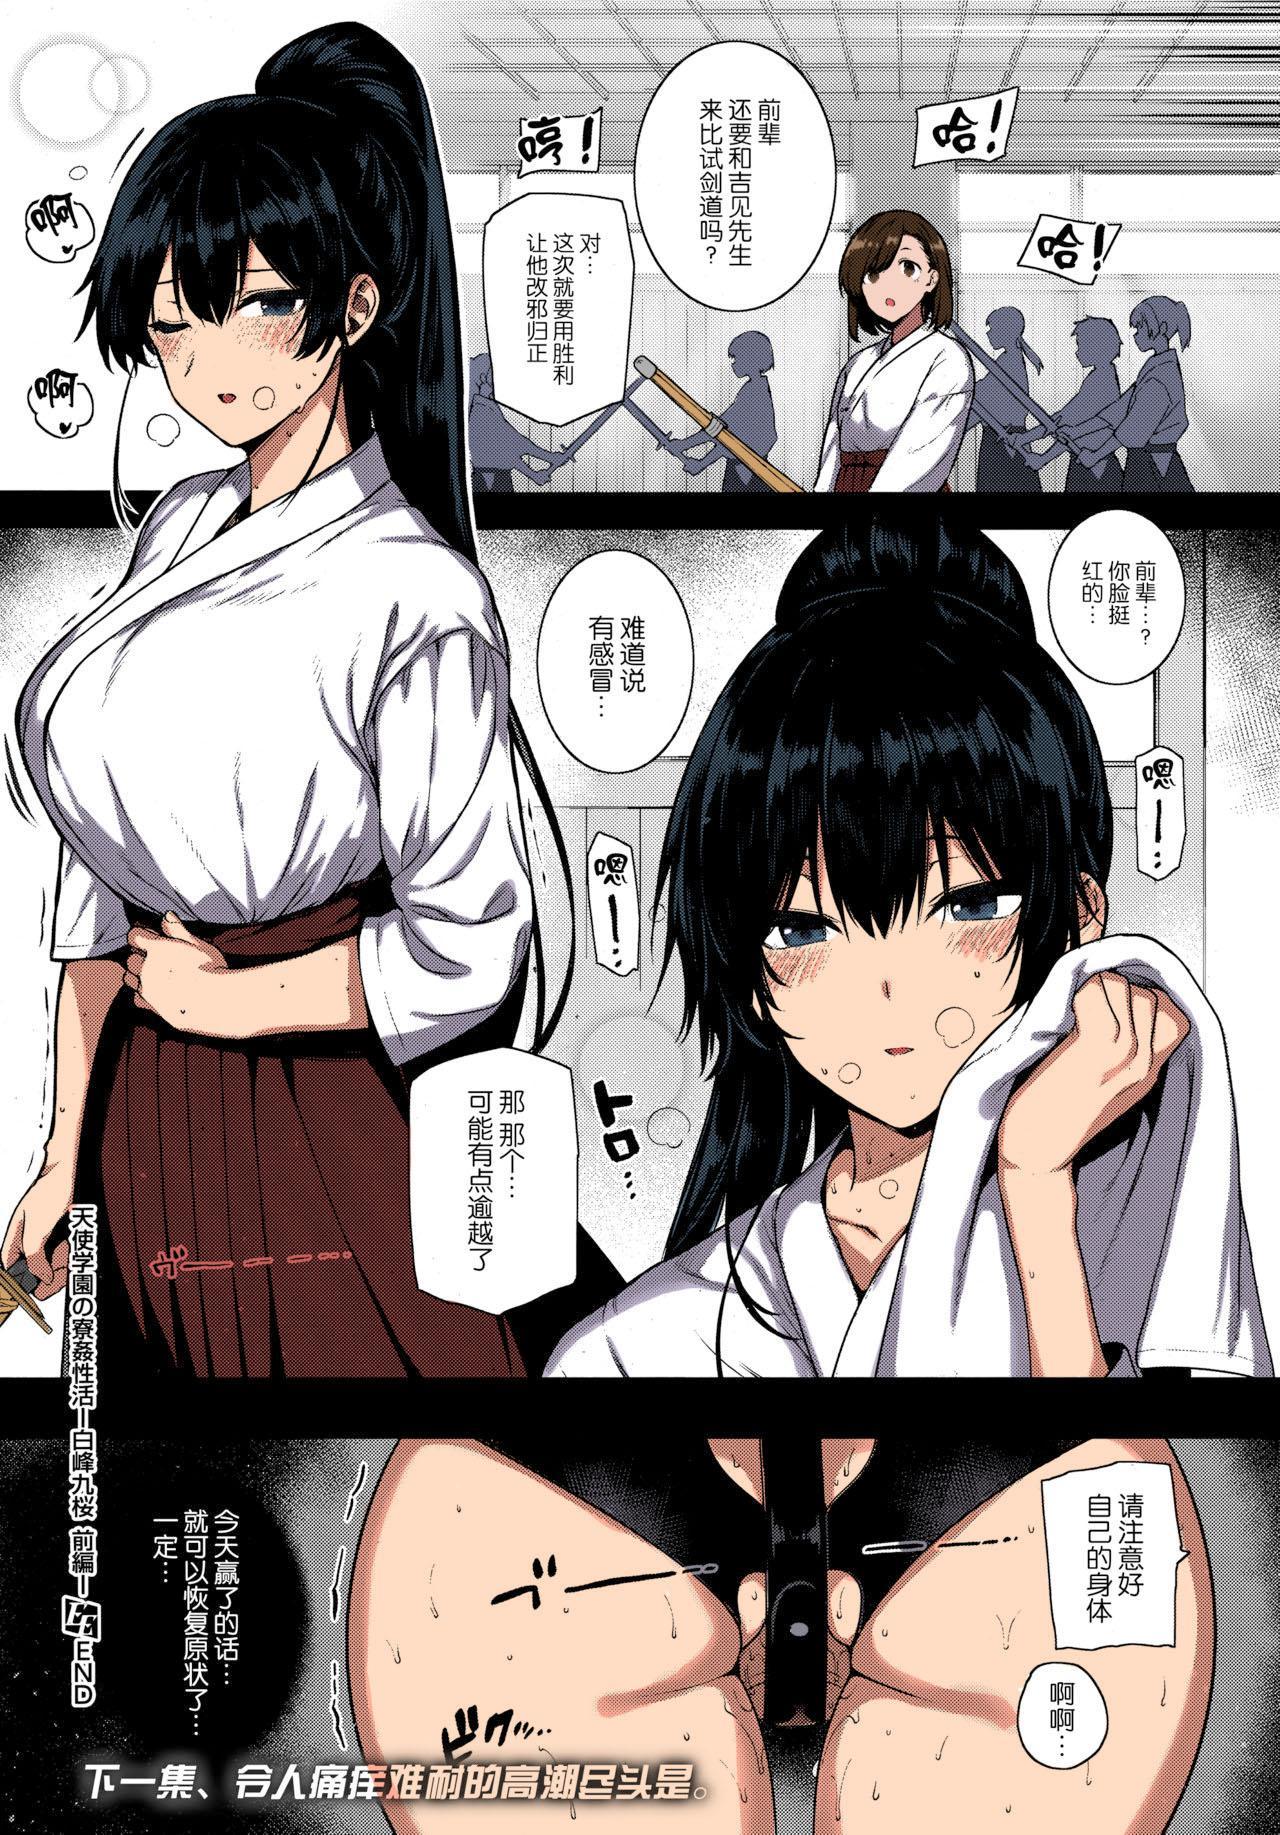 Amatsuka Gakuen no Ryoukan Seikatsu 39